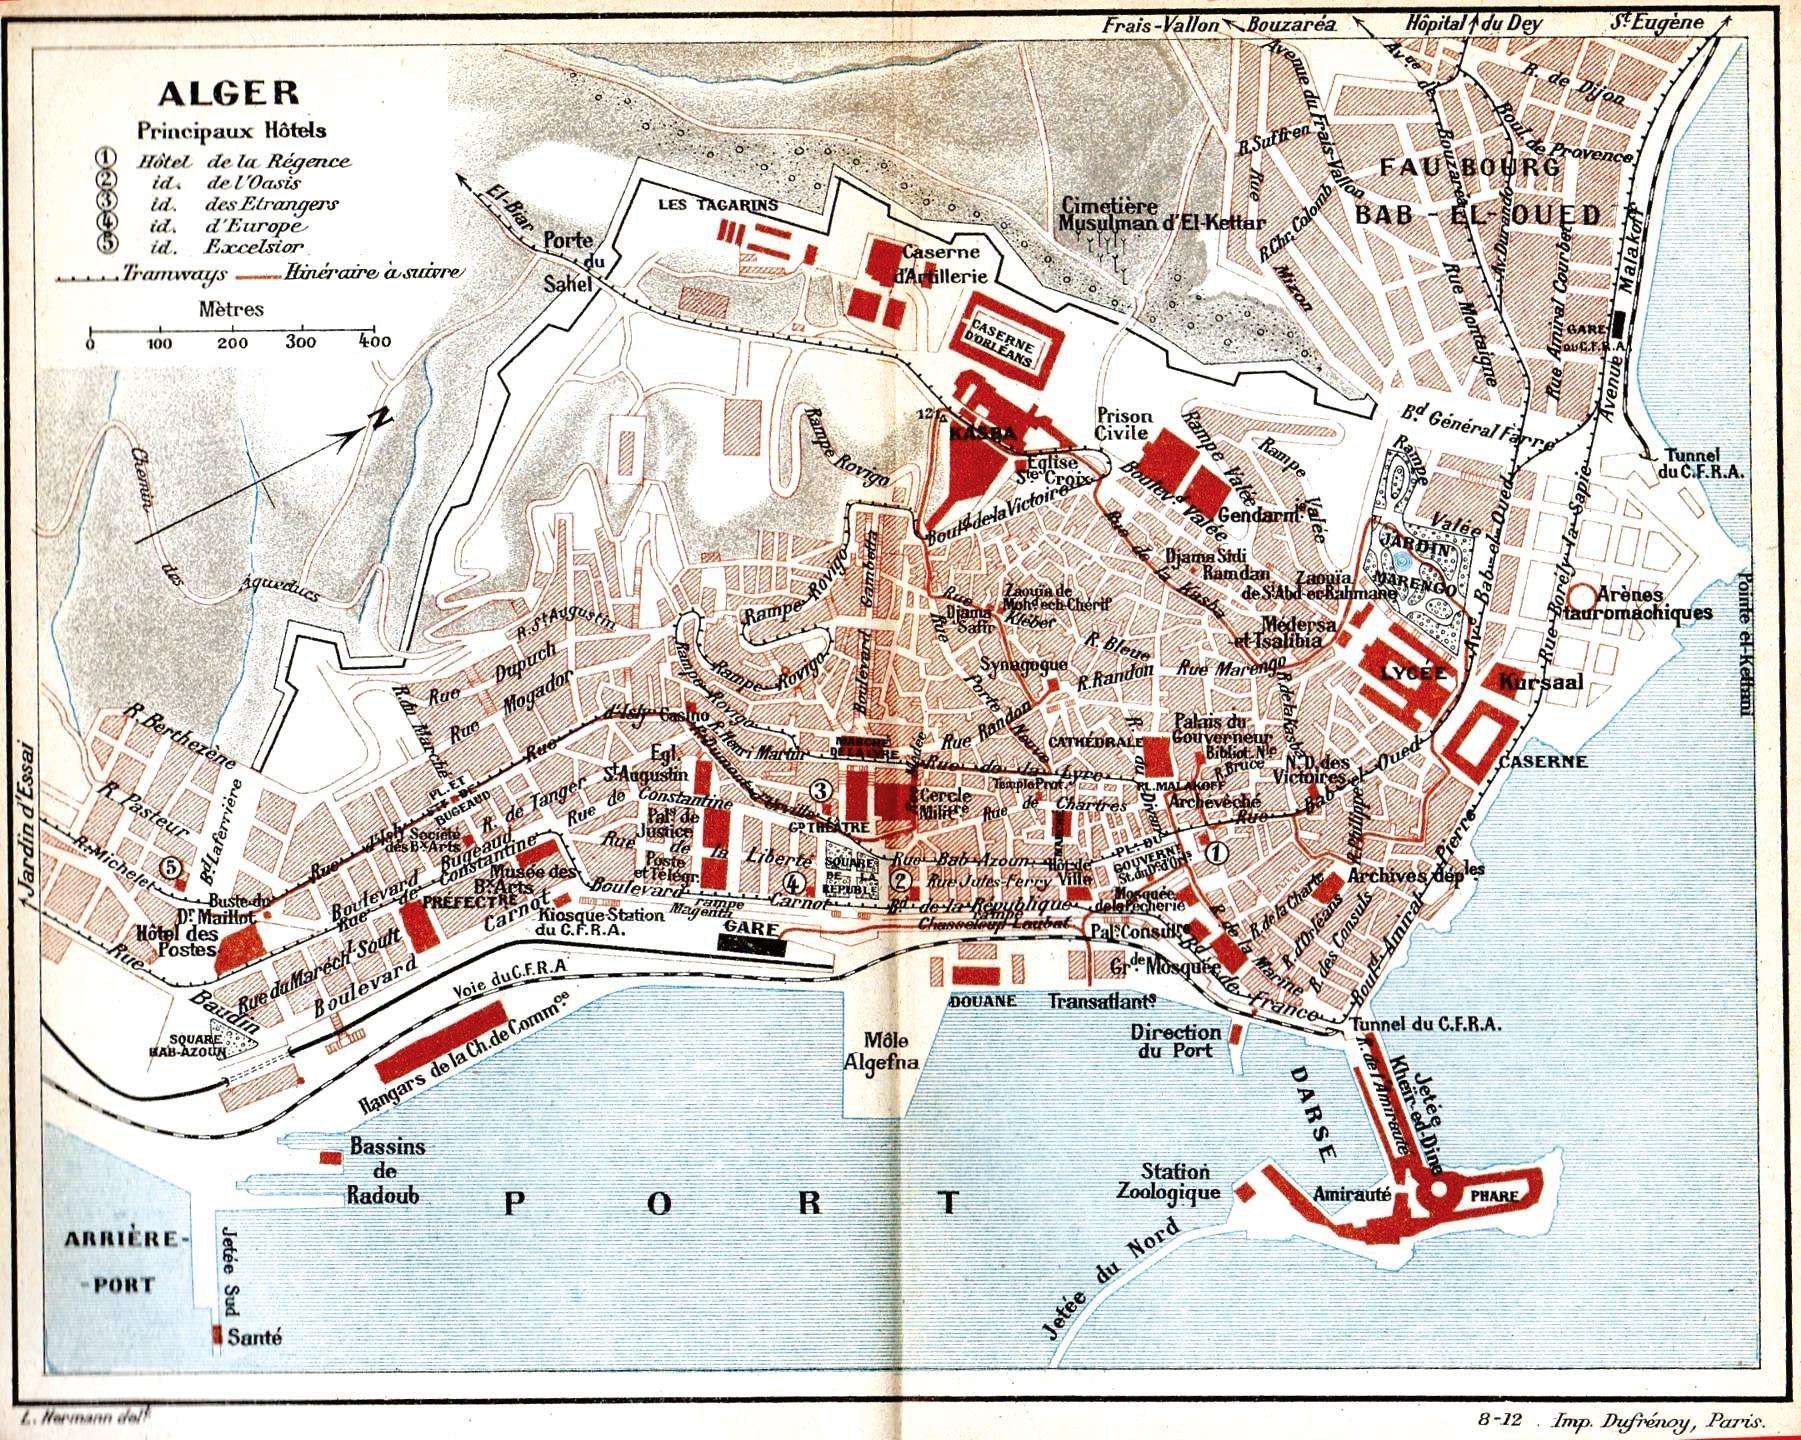 <stamp theme='his-green2'>Doc. 1</stamp> Plan de la ville d'Alger en 1911